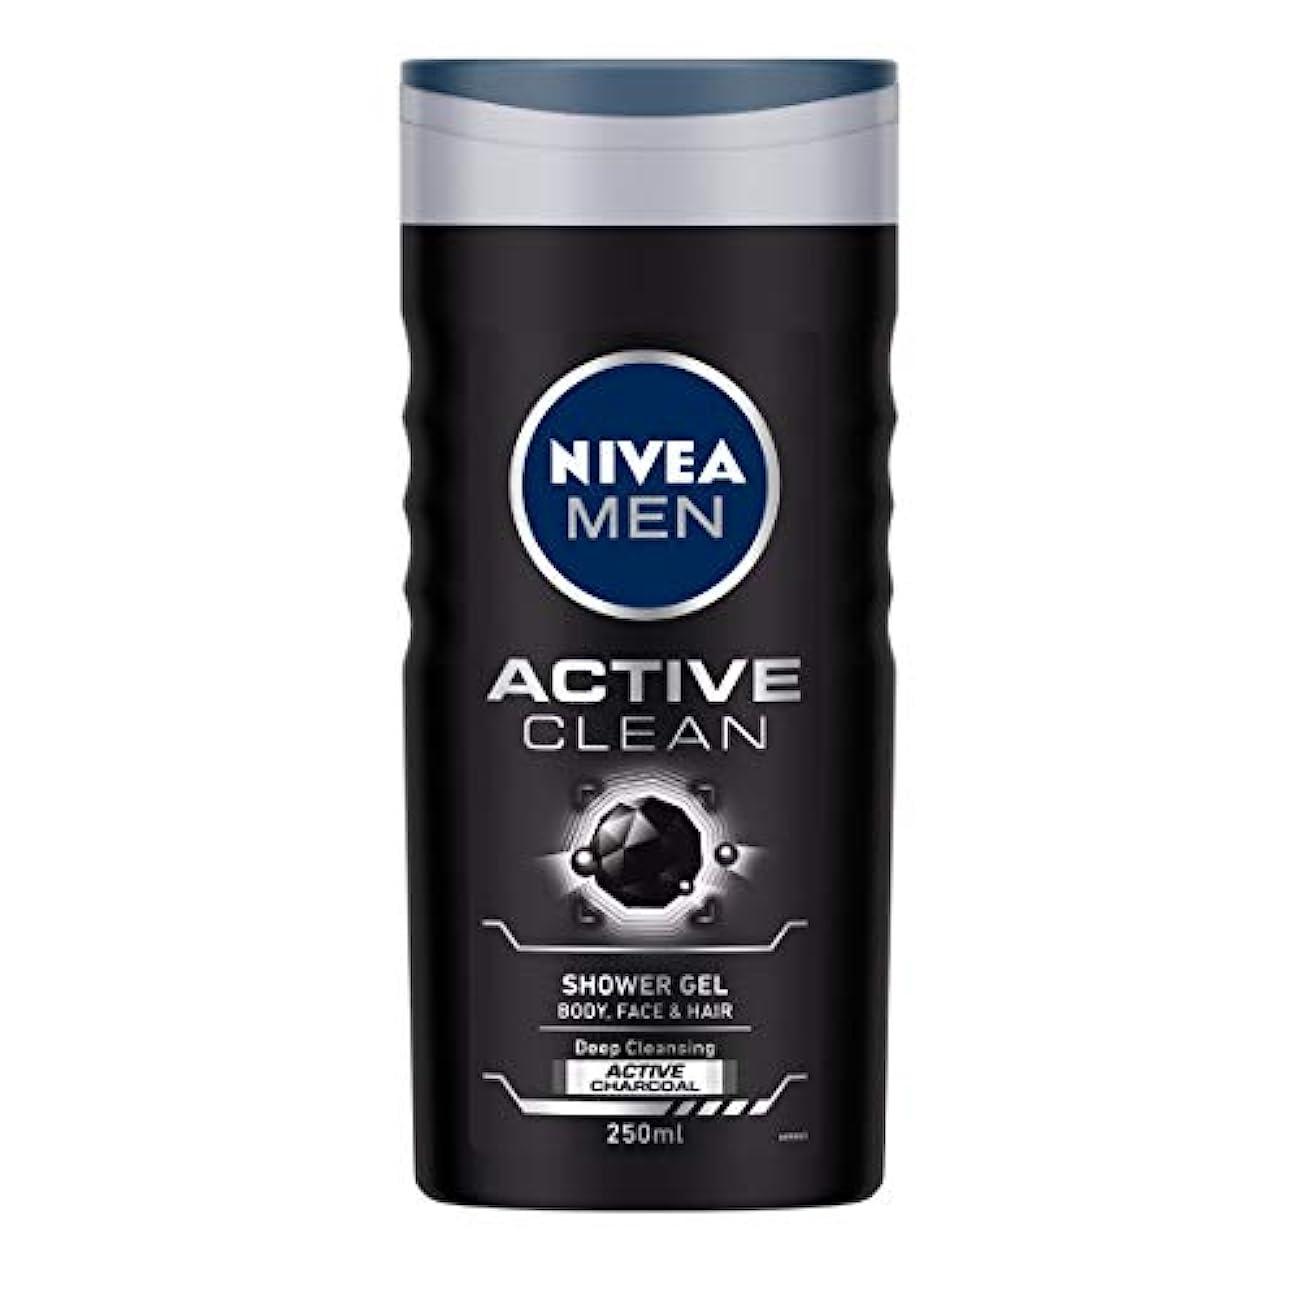 急勾配の左救出Nivea Men Active Clean Shower Gel, 250ml